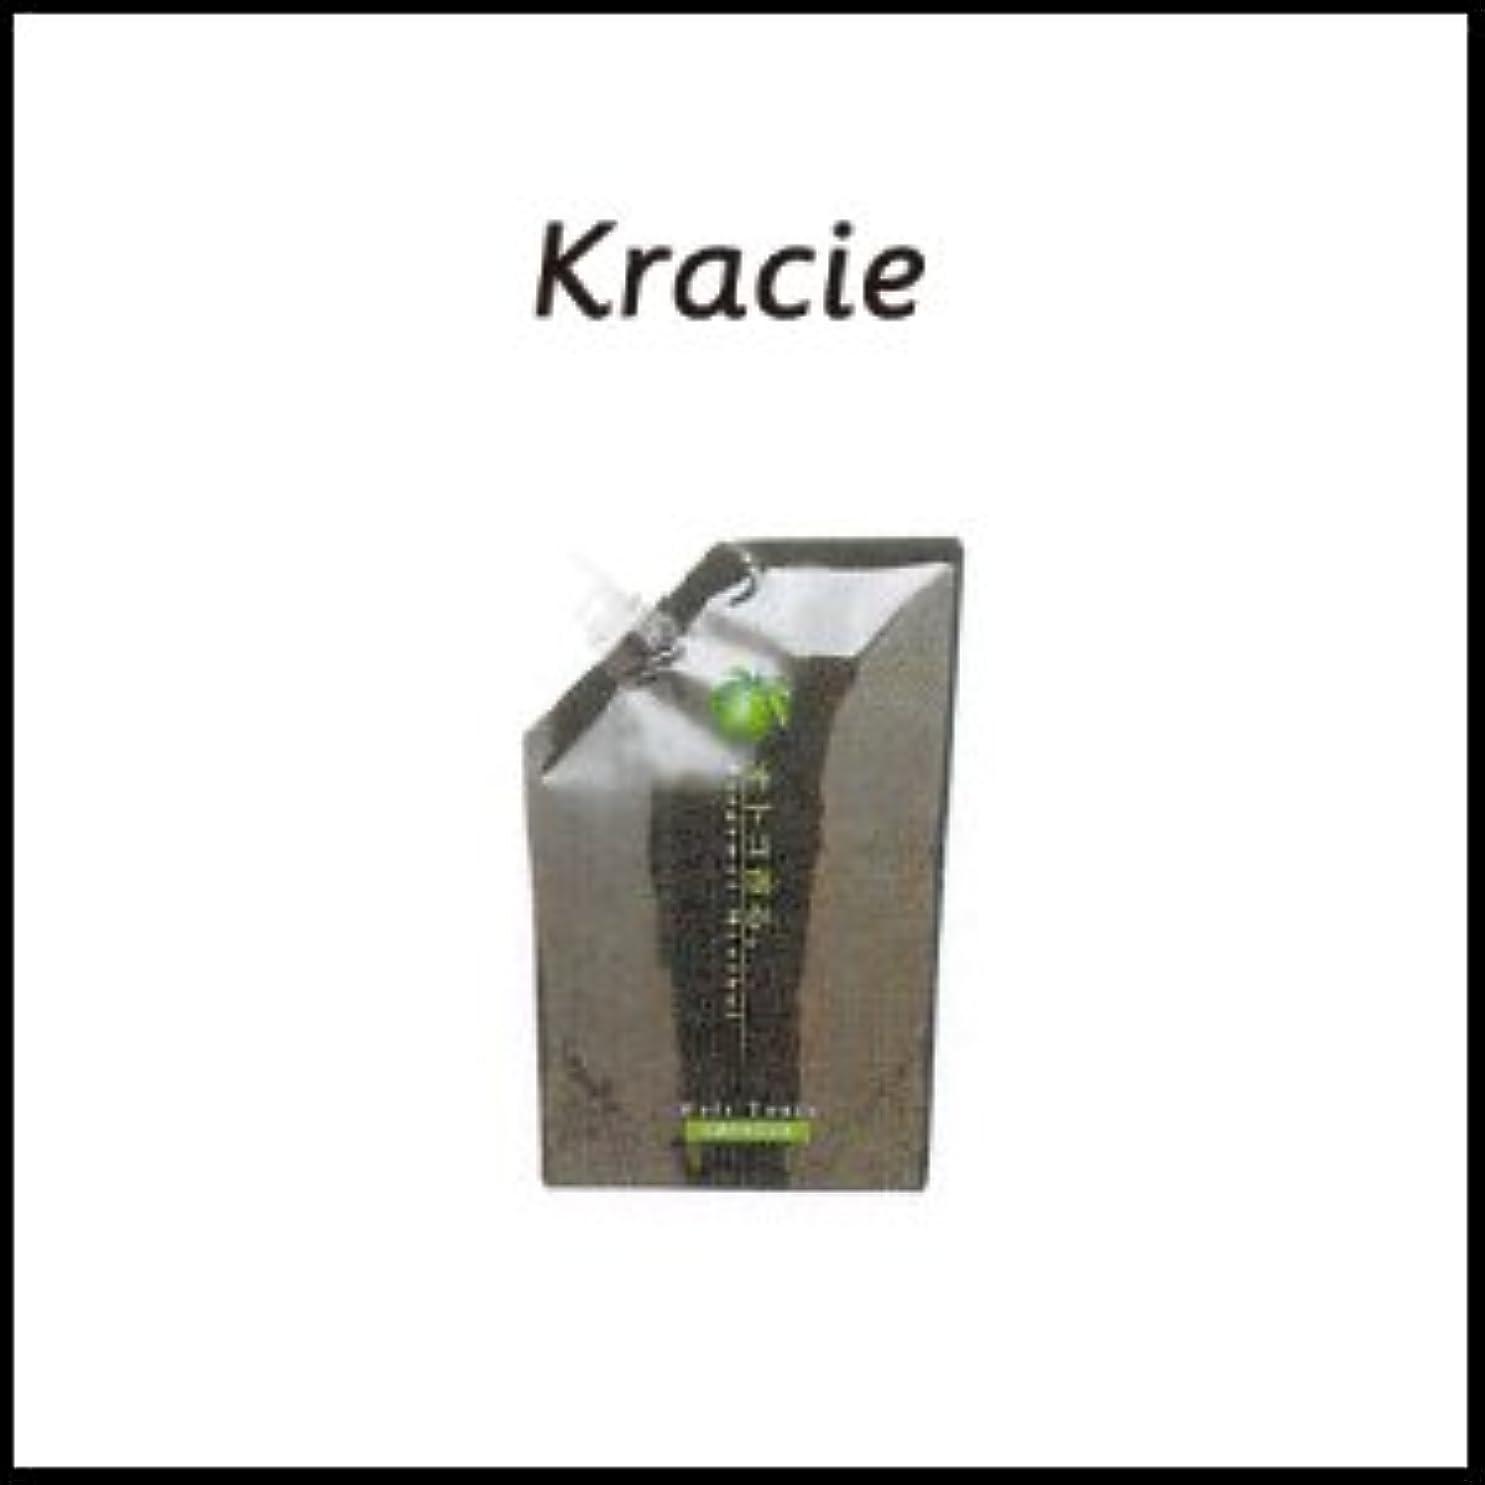 ヘア狂人社会【X3個セット】 クラシエ オトコ香る トニック(ベルガモット) 500ml 詰替え用(レフィル)